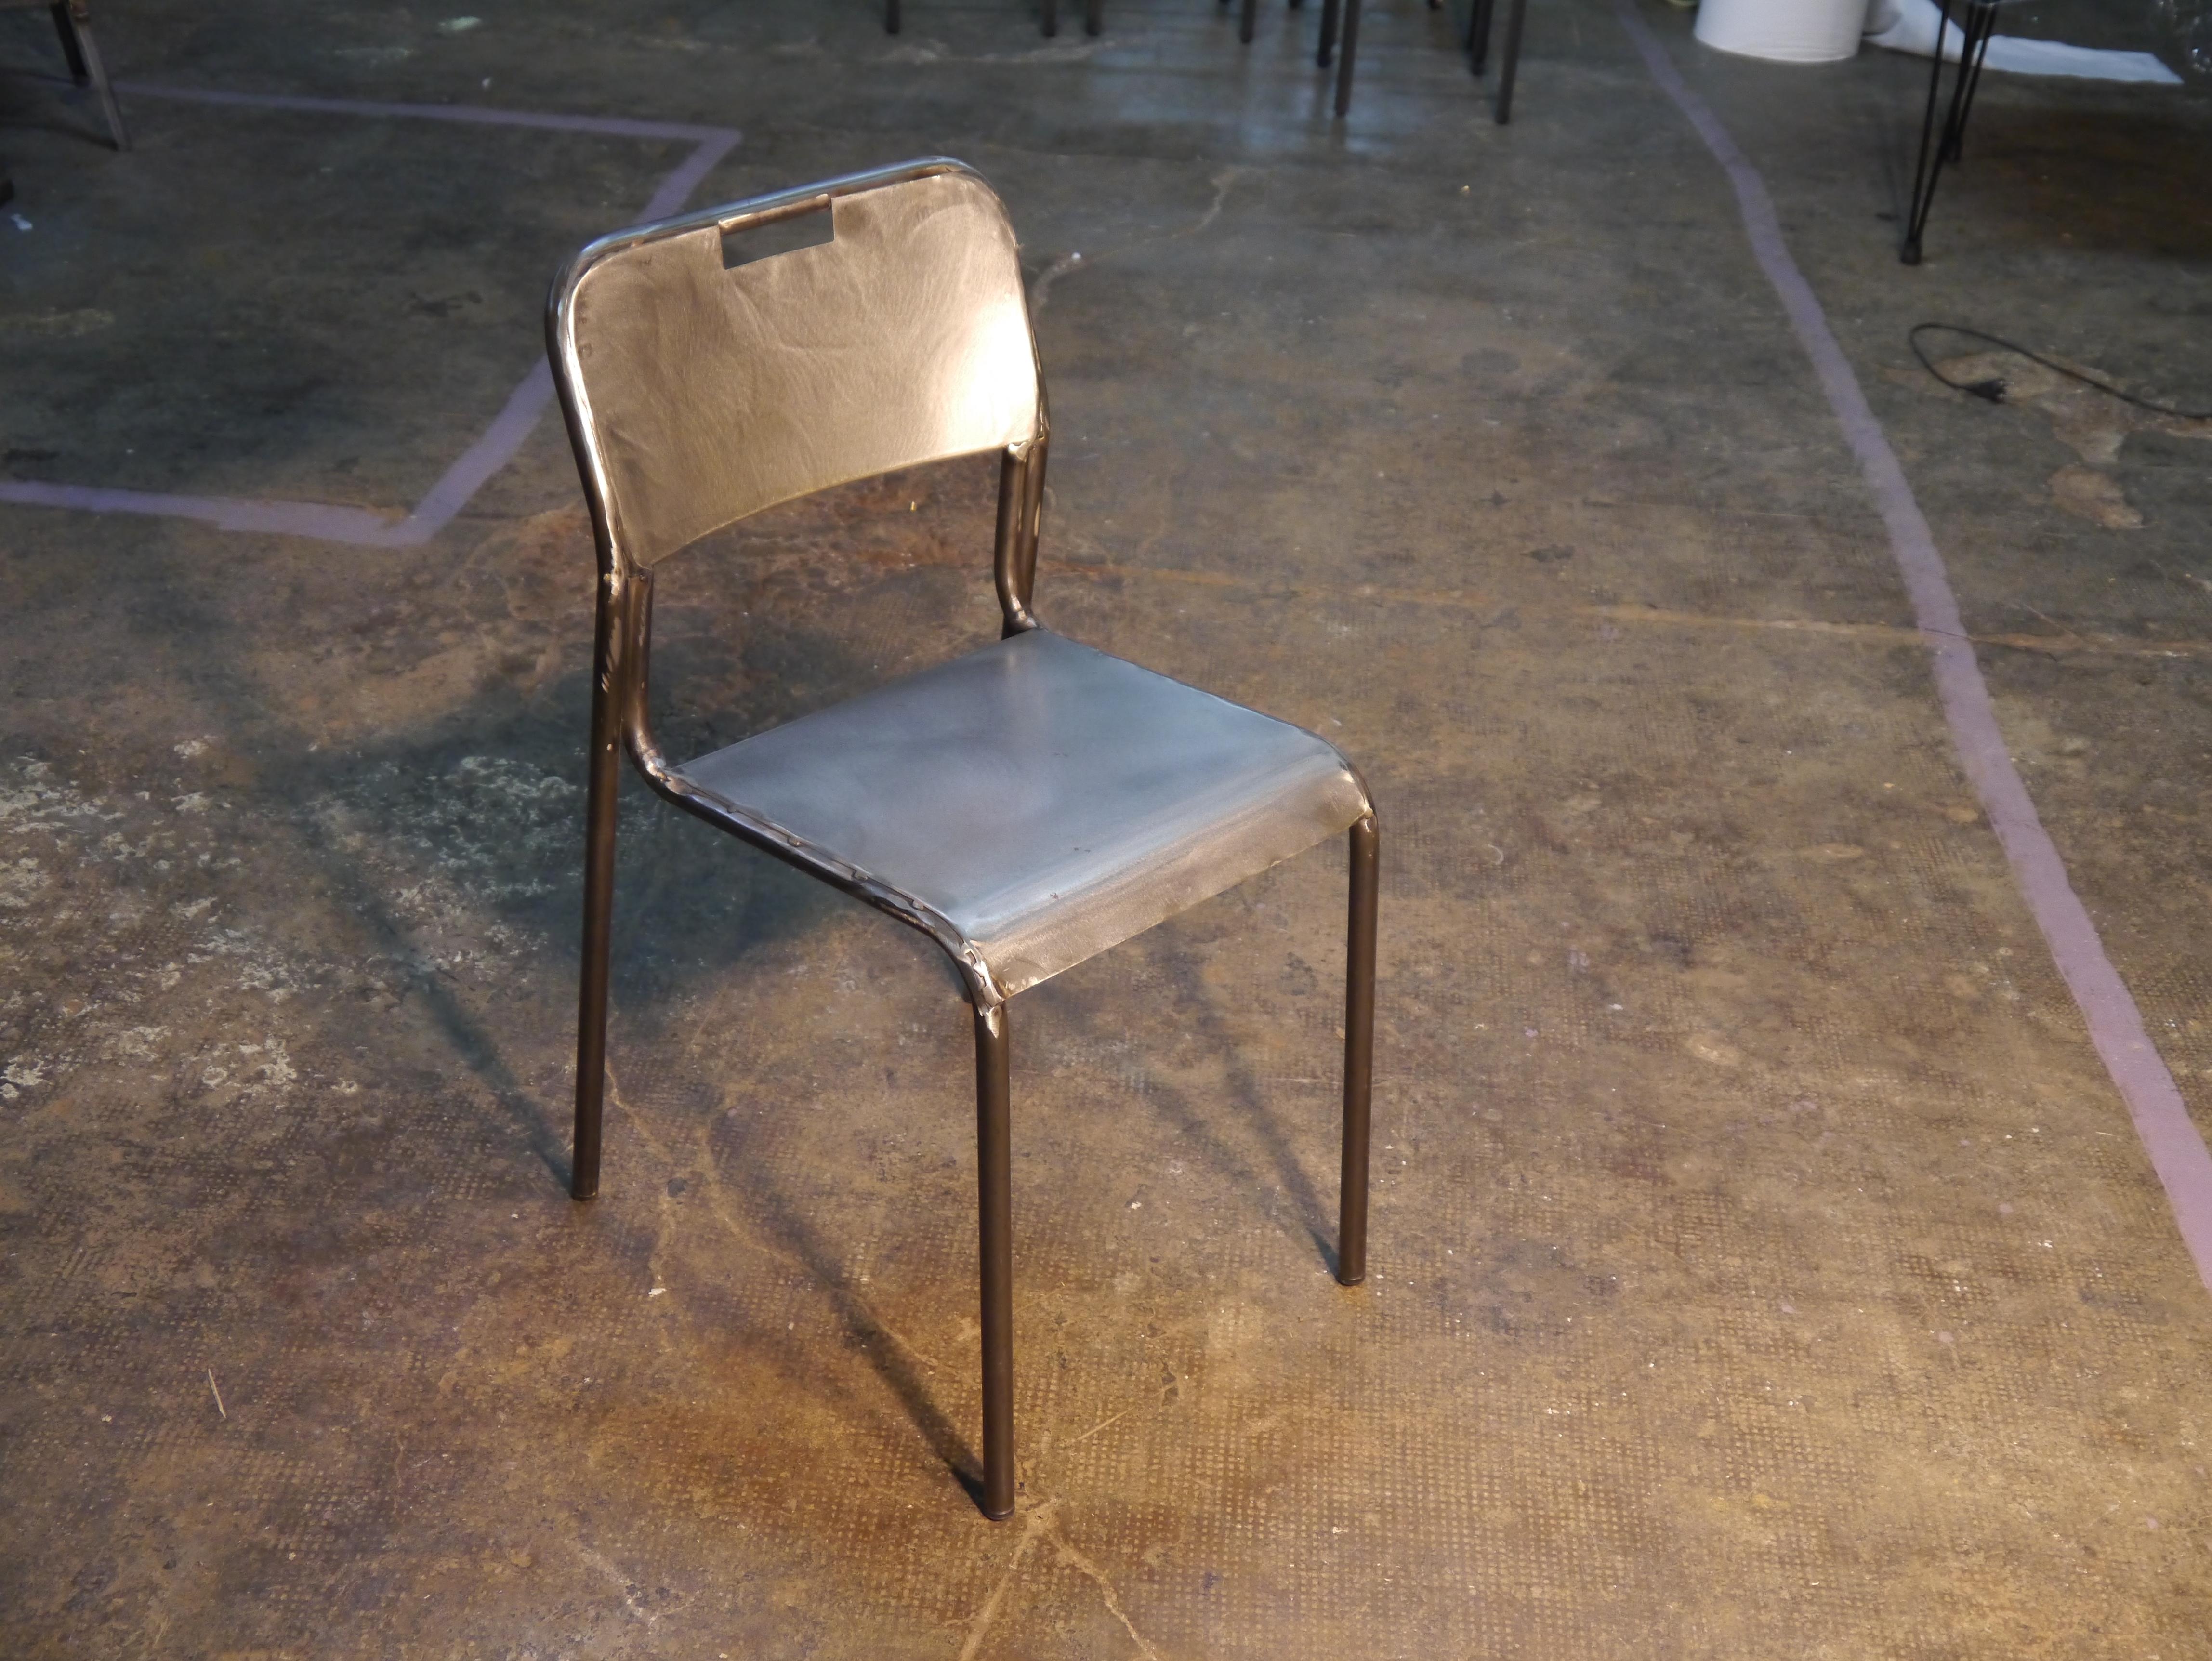 Mesas y sillas retro mobiliario vintage de estilo industrial de madera y hierro - Sillas hosteleria barcelona ...